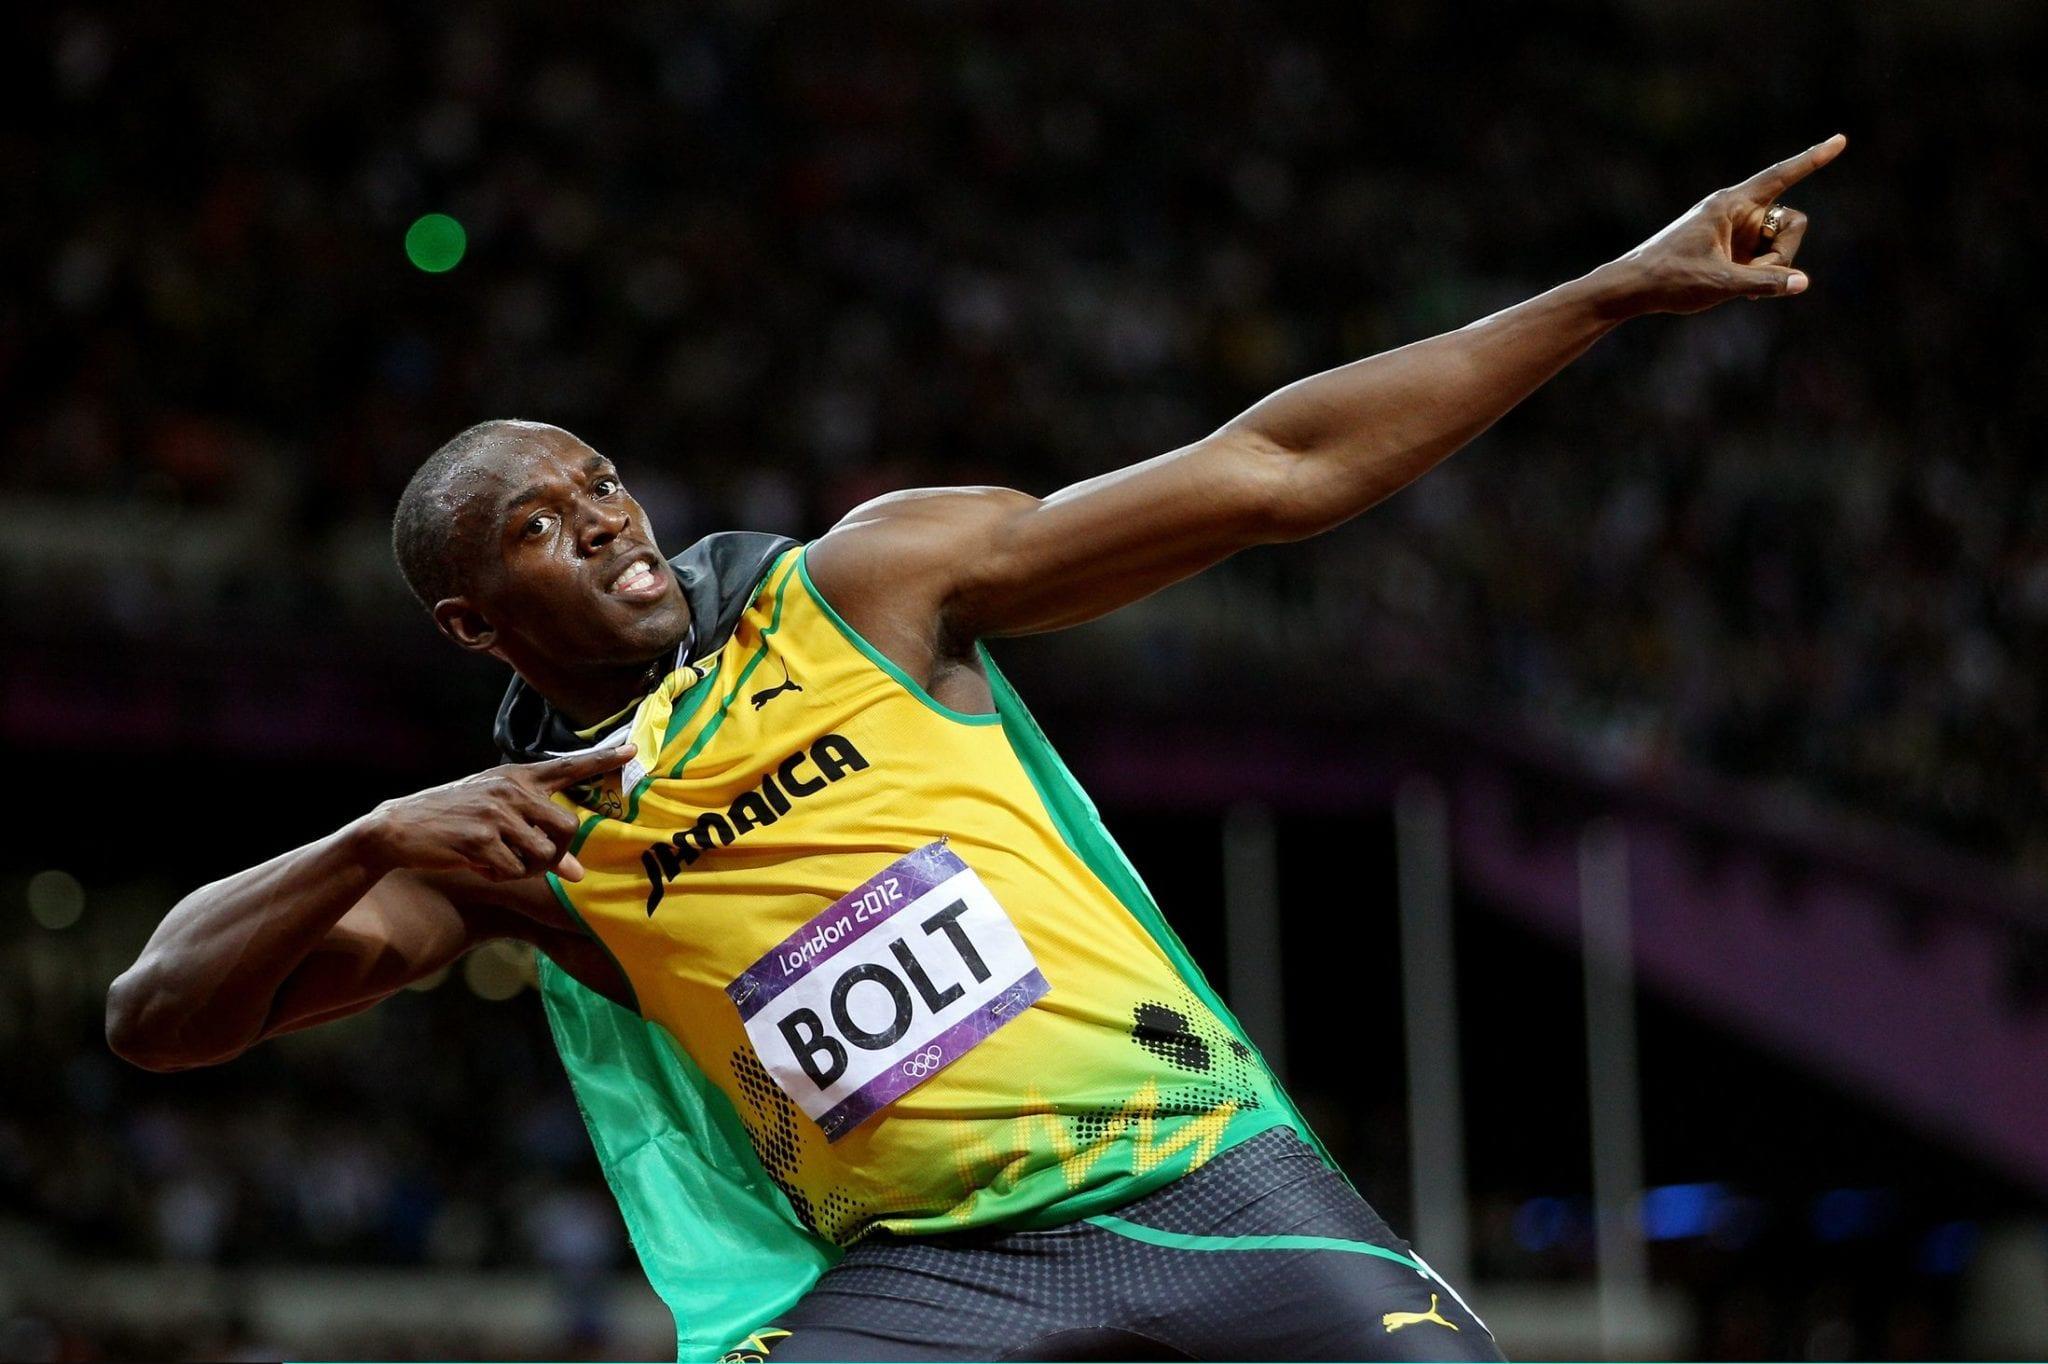 Les 10 citations les plus inspirantes de la légende Usain Bolt